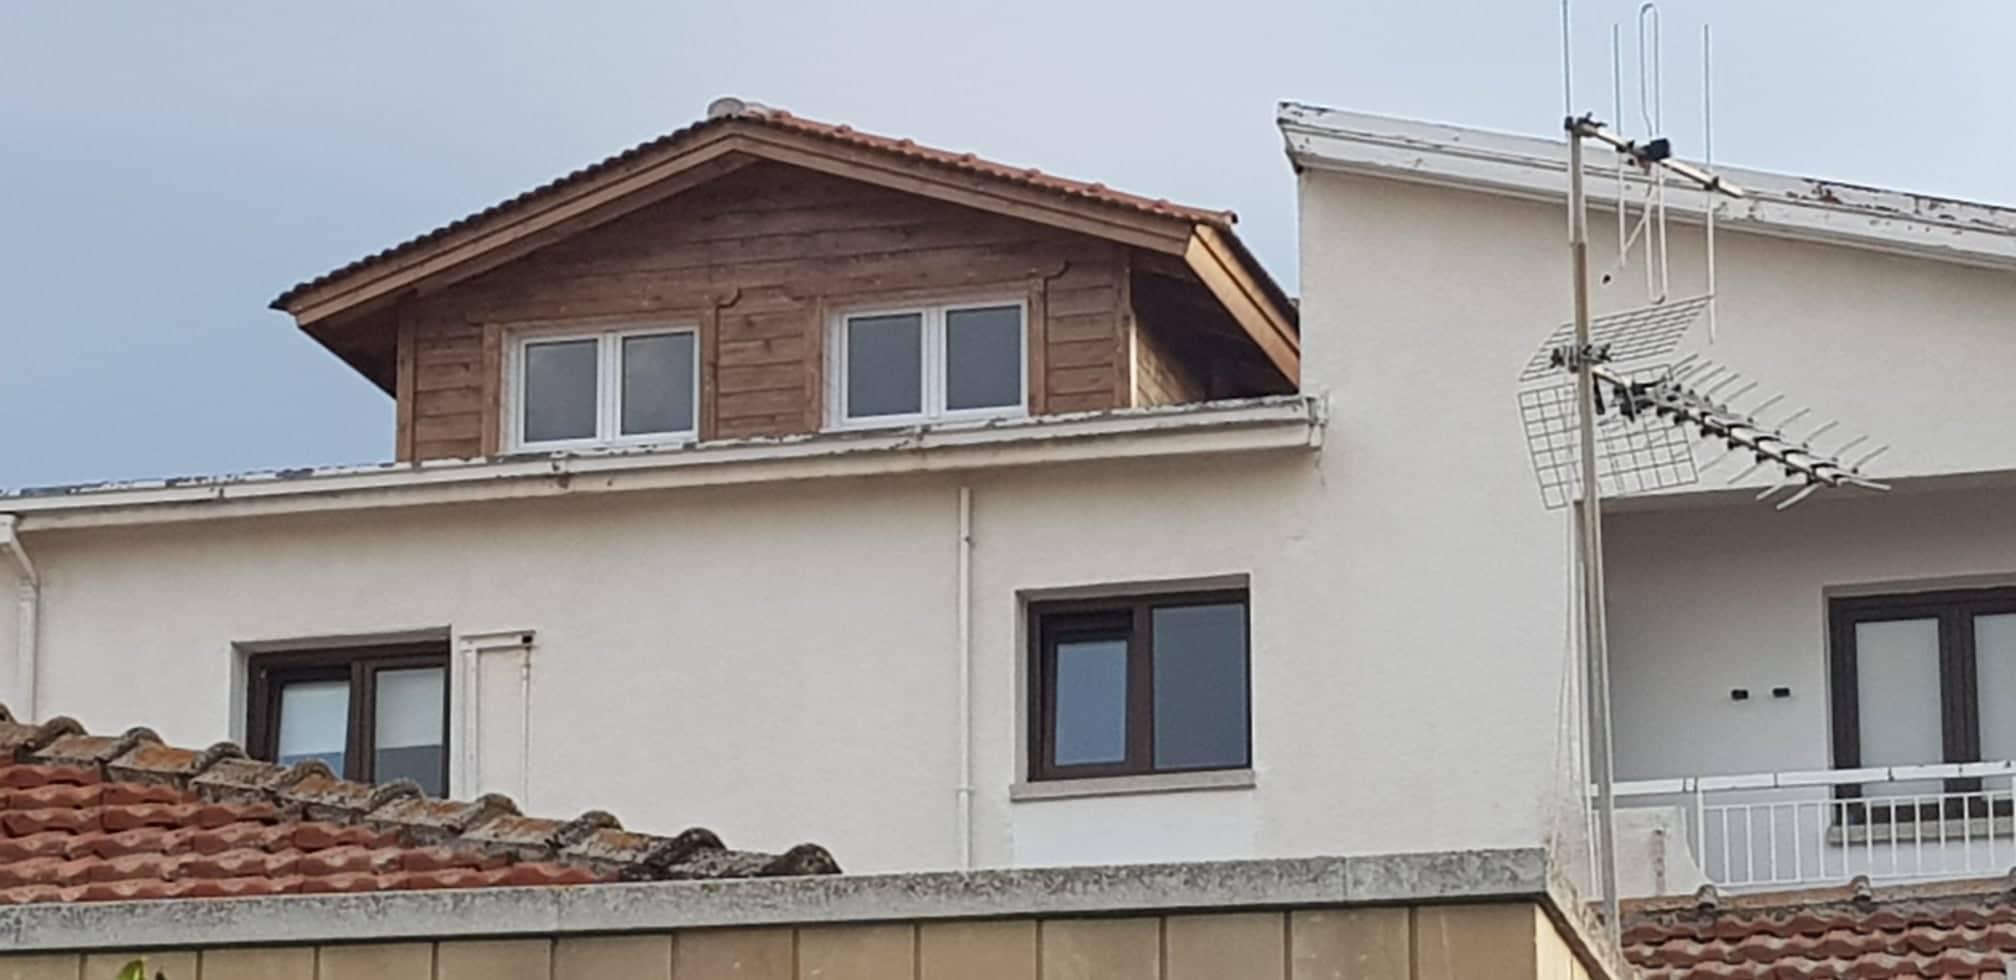 Loft Conversion in Nicosia, Cyprus